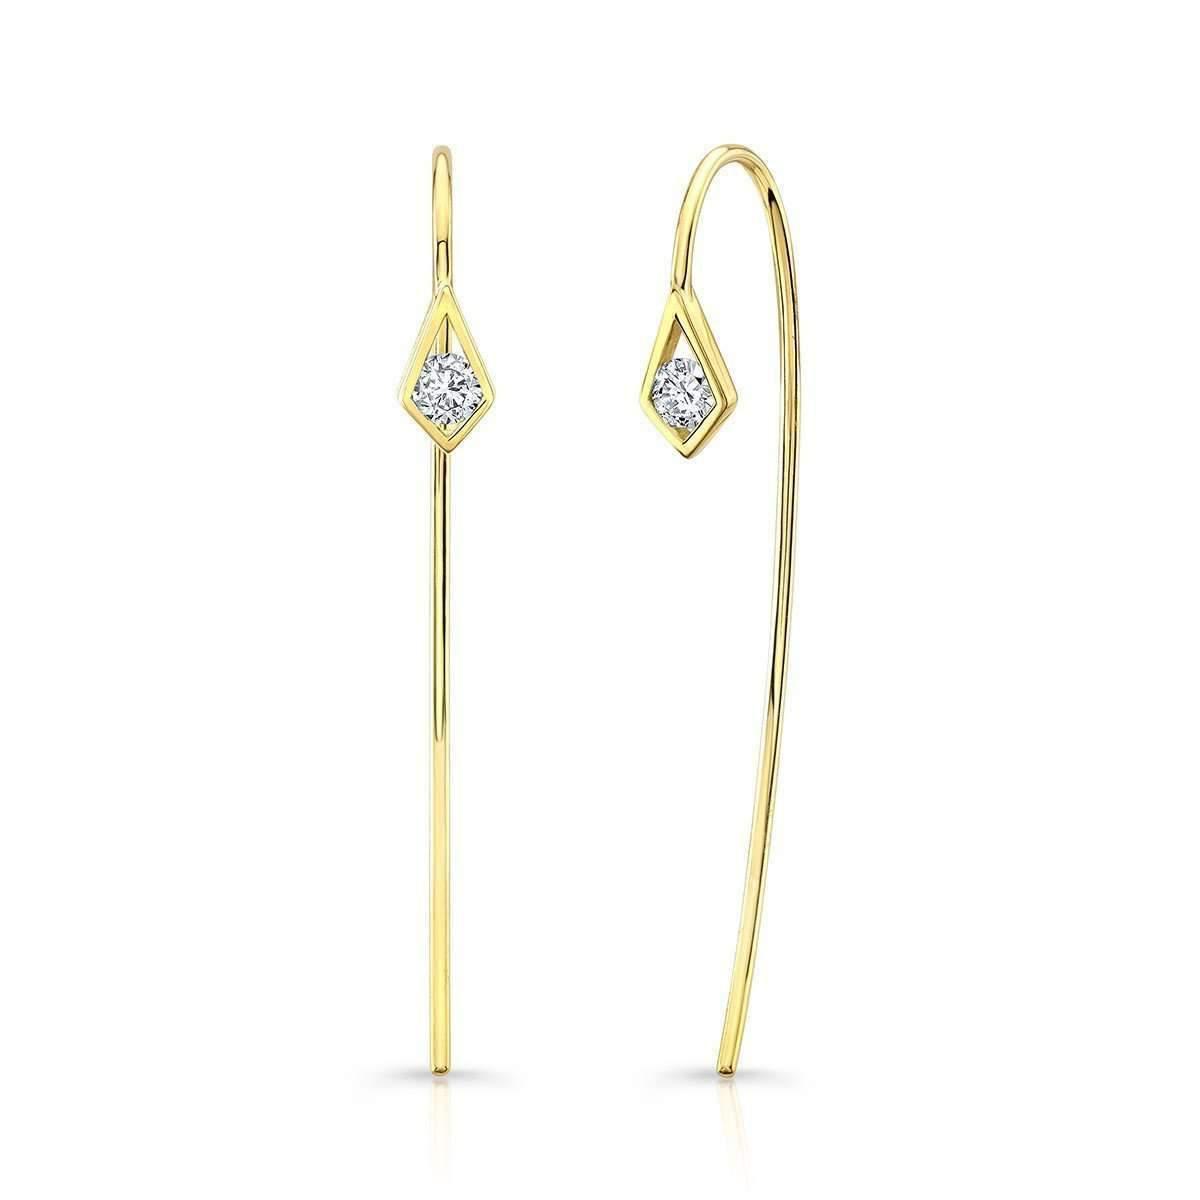 Ron Hami 14k Turquoise & Diamond Threader Earrings AZuIISvN